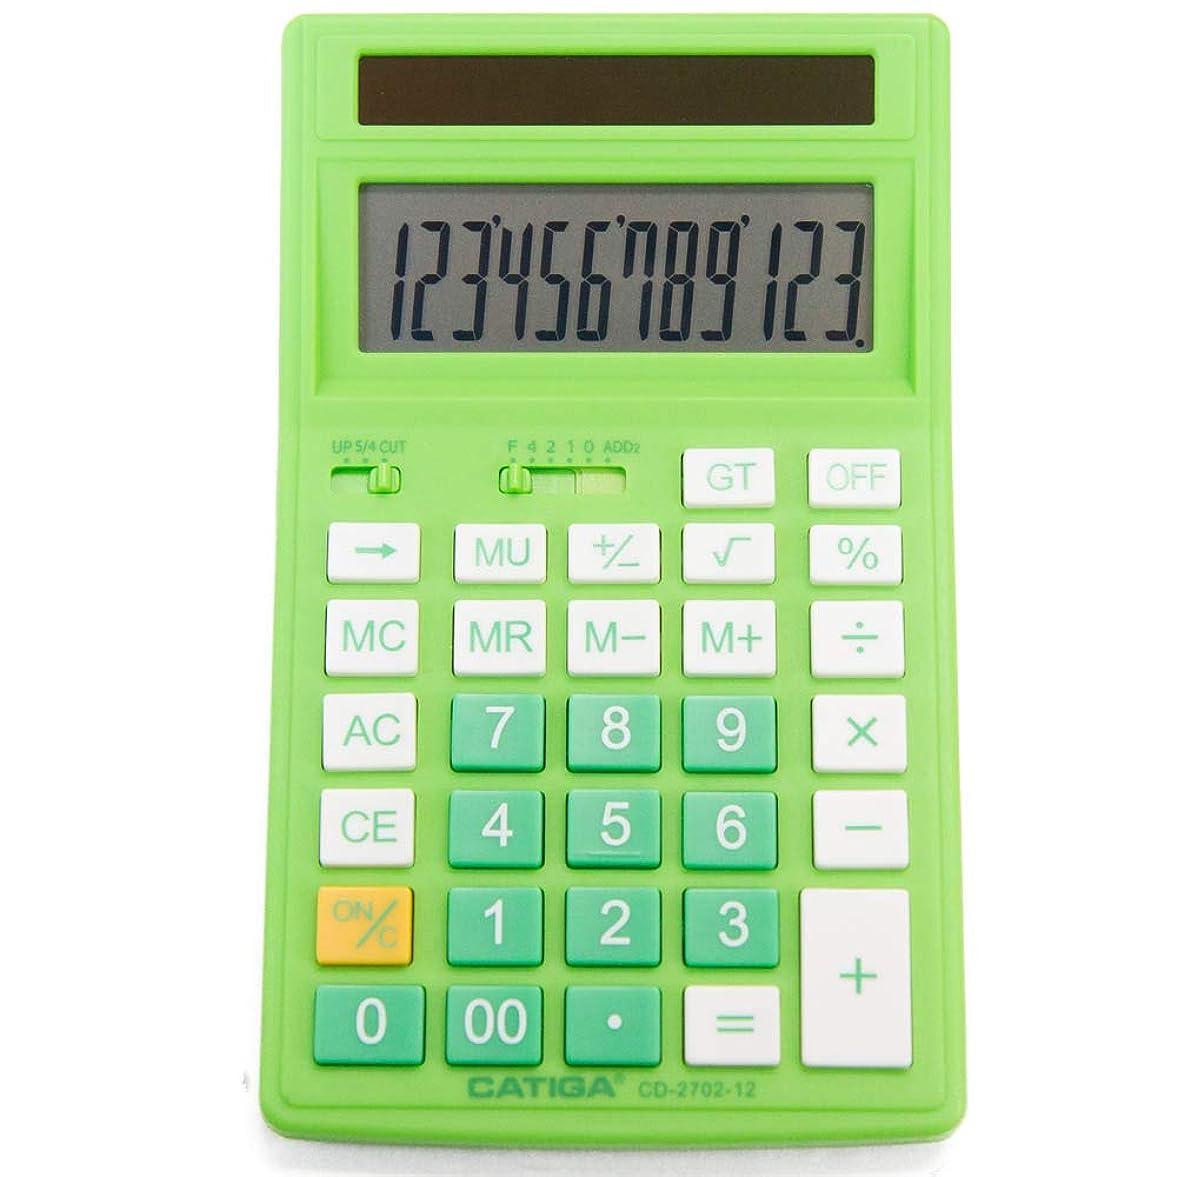 コントロール顕著抑制CATIGA CD-2702-12 標準機能計算機 - 家庭やビジネスに最適 - 12桁のハンドヘルド/デスク電卓